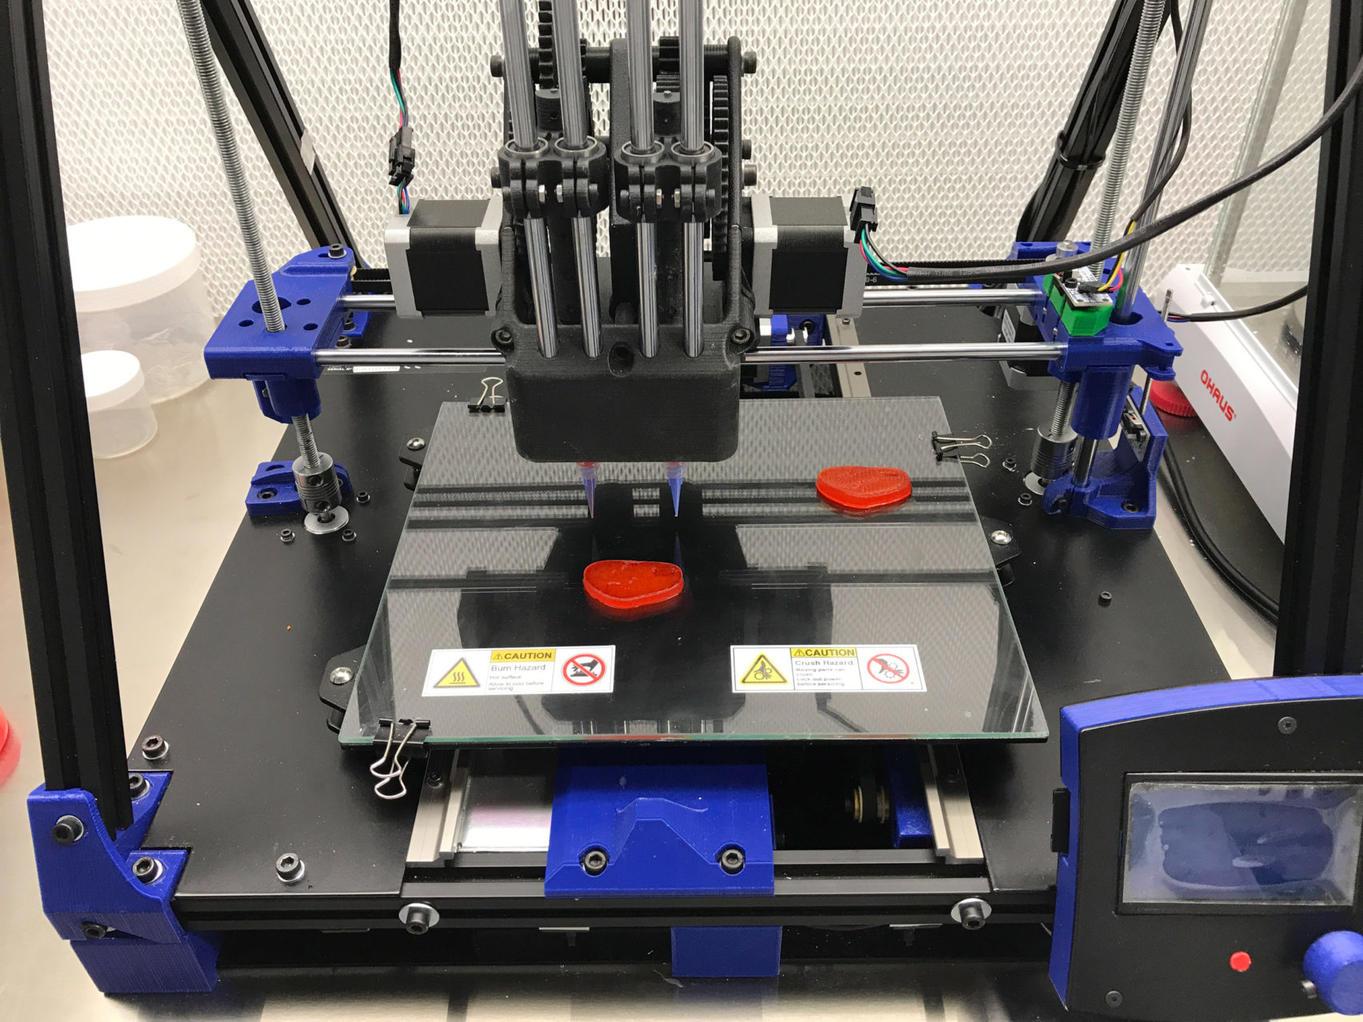 В Италии создали 3D-принтер для печати веганских стейков